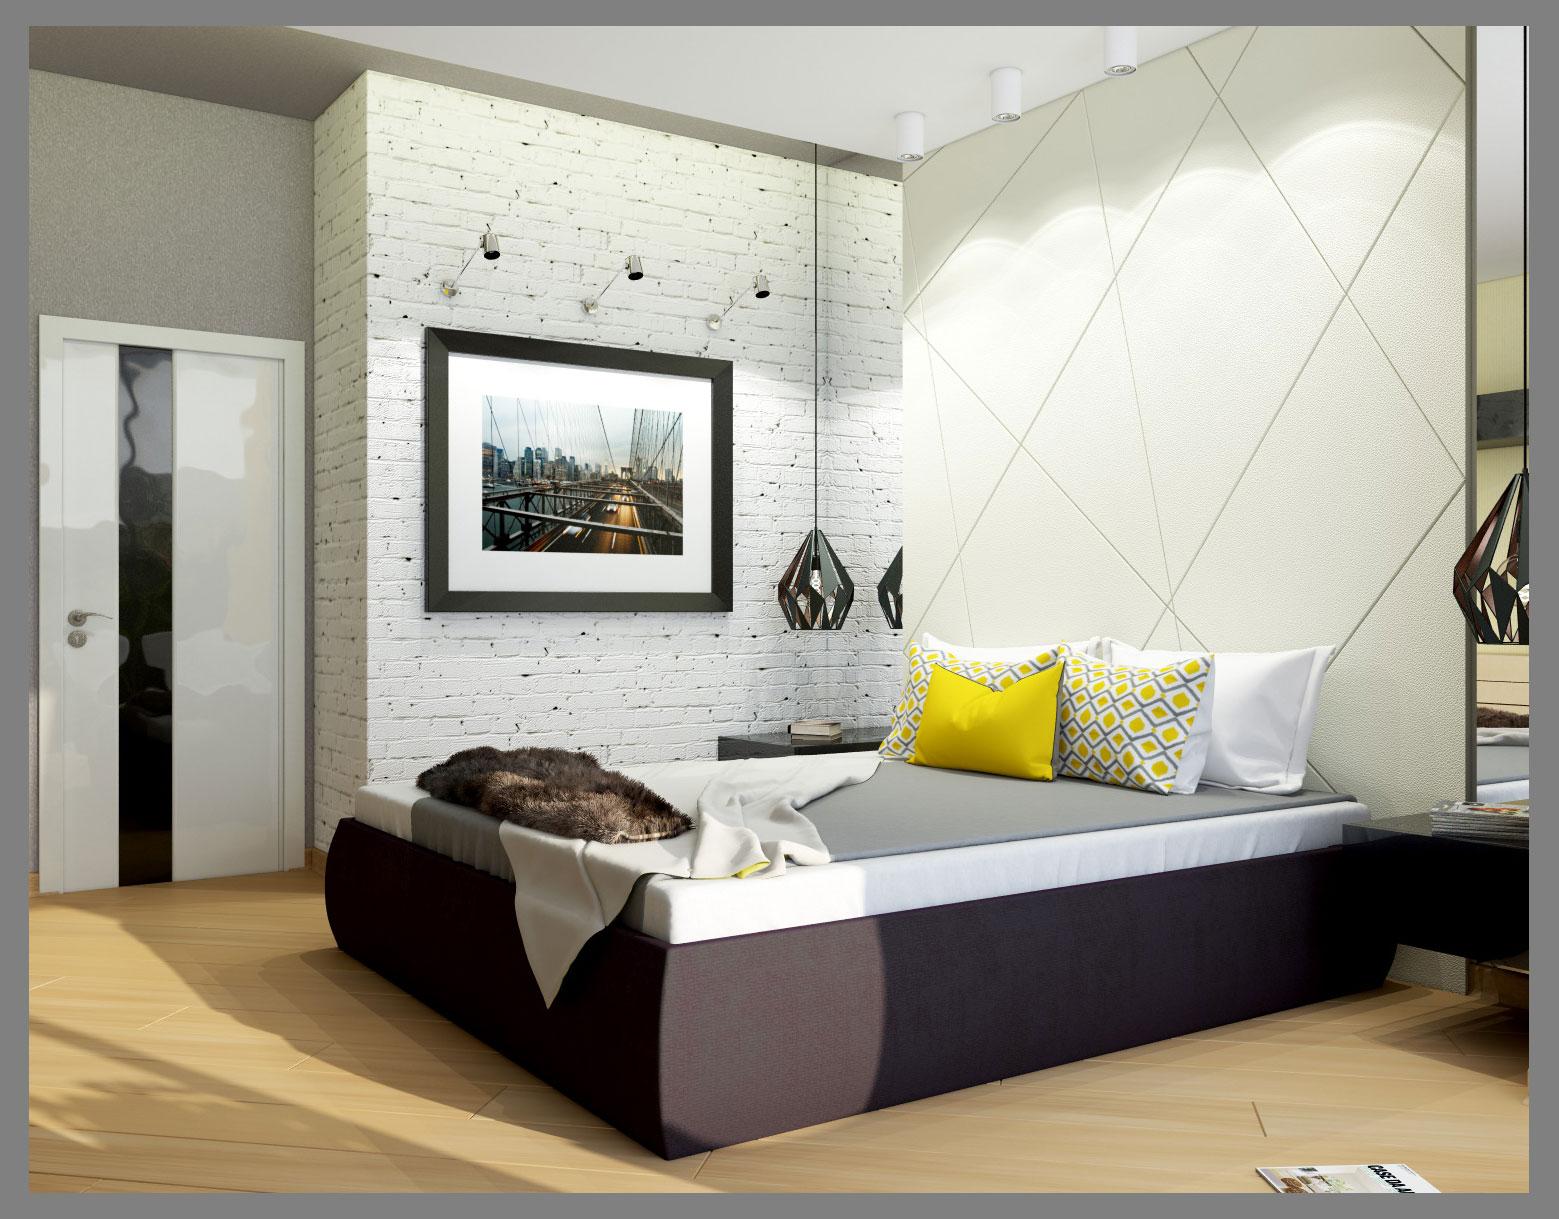 Спальня с балконной зоной.